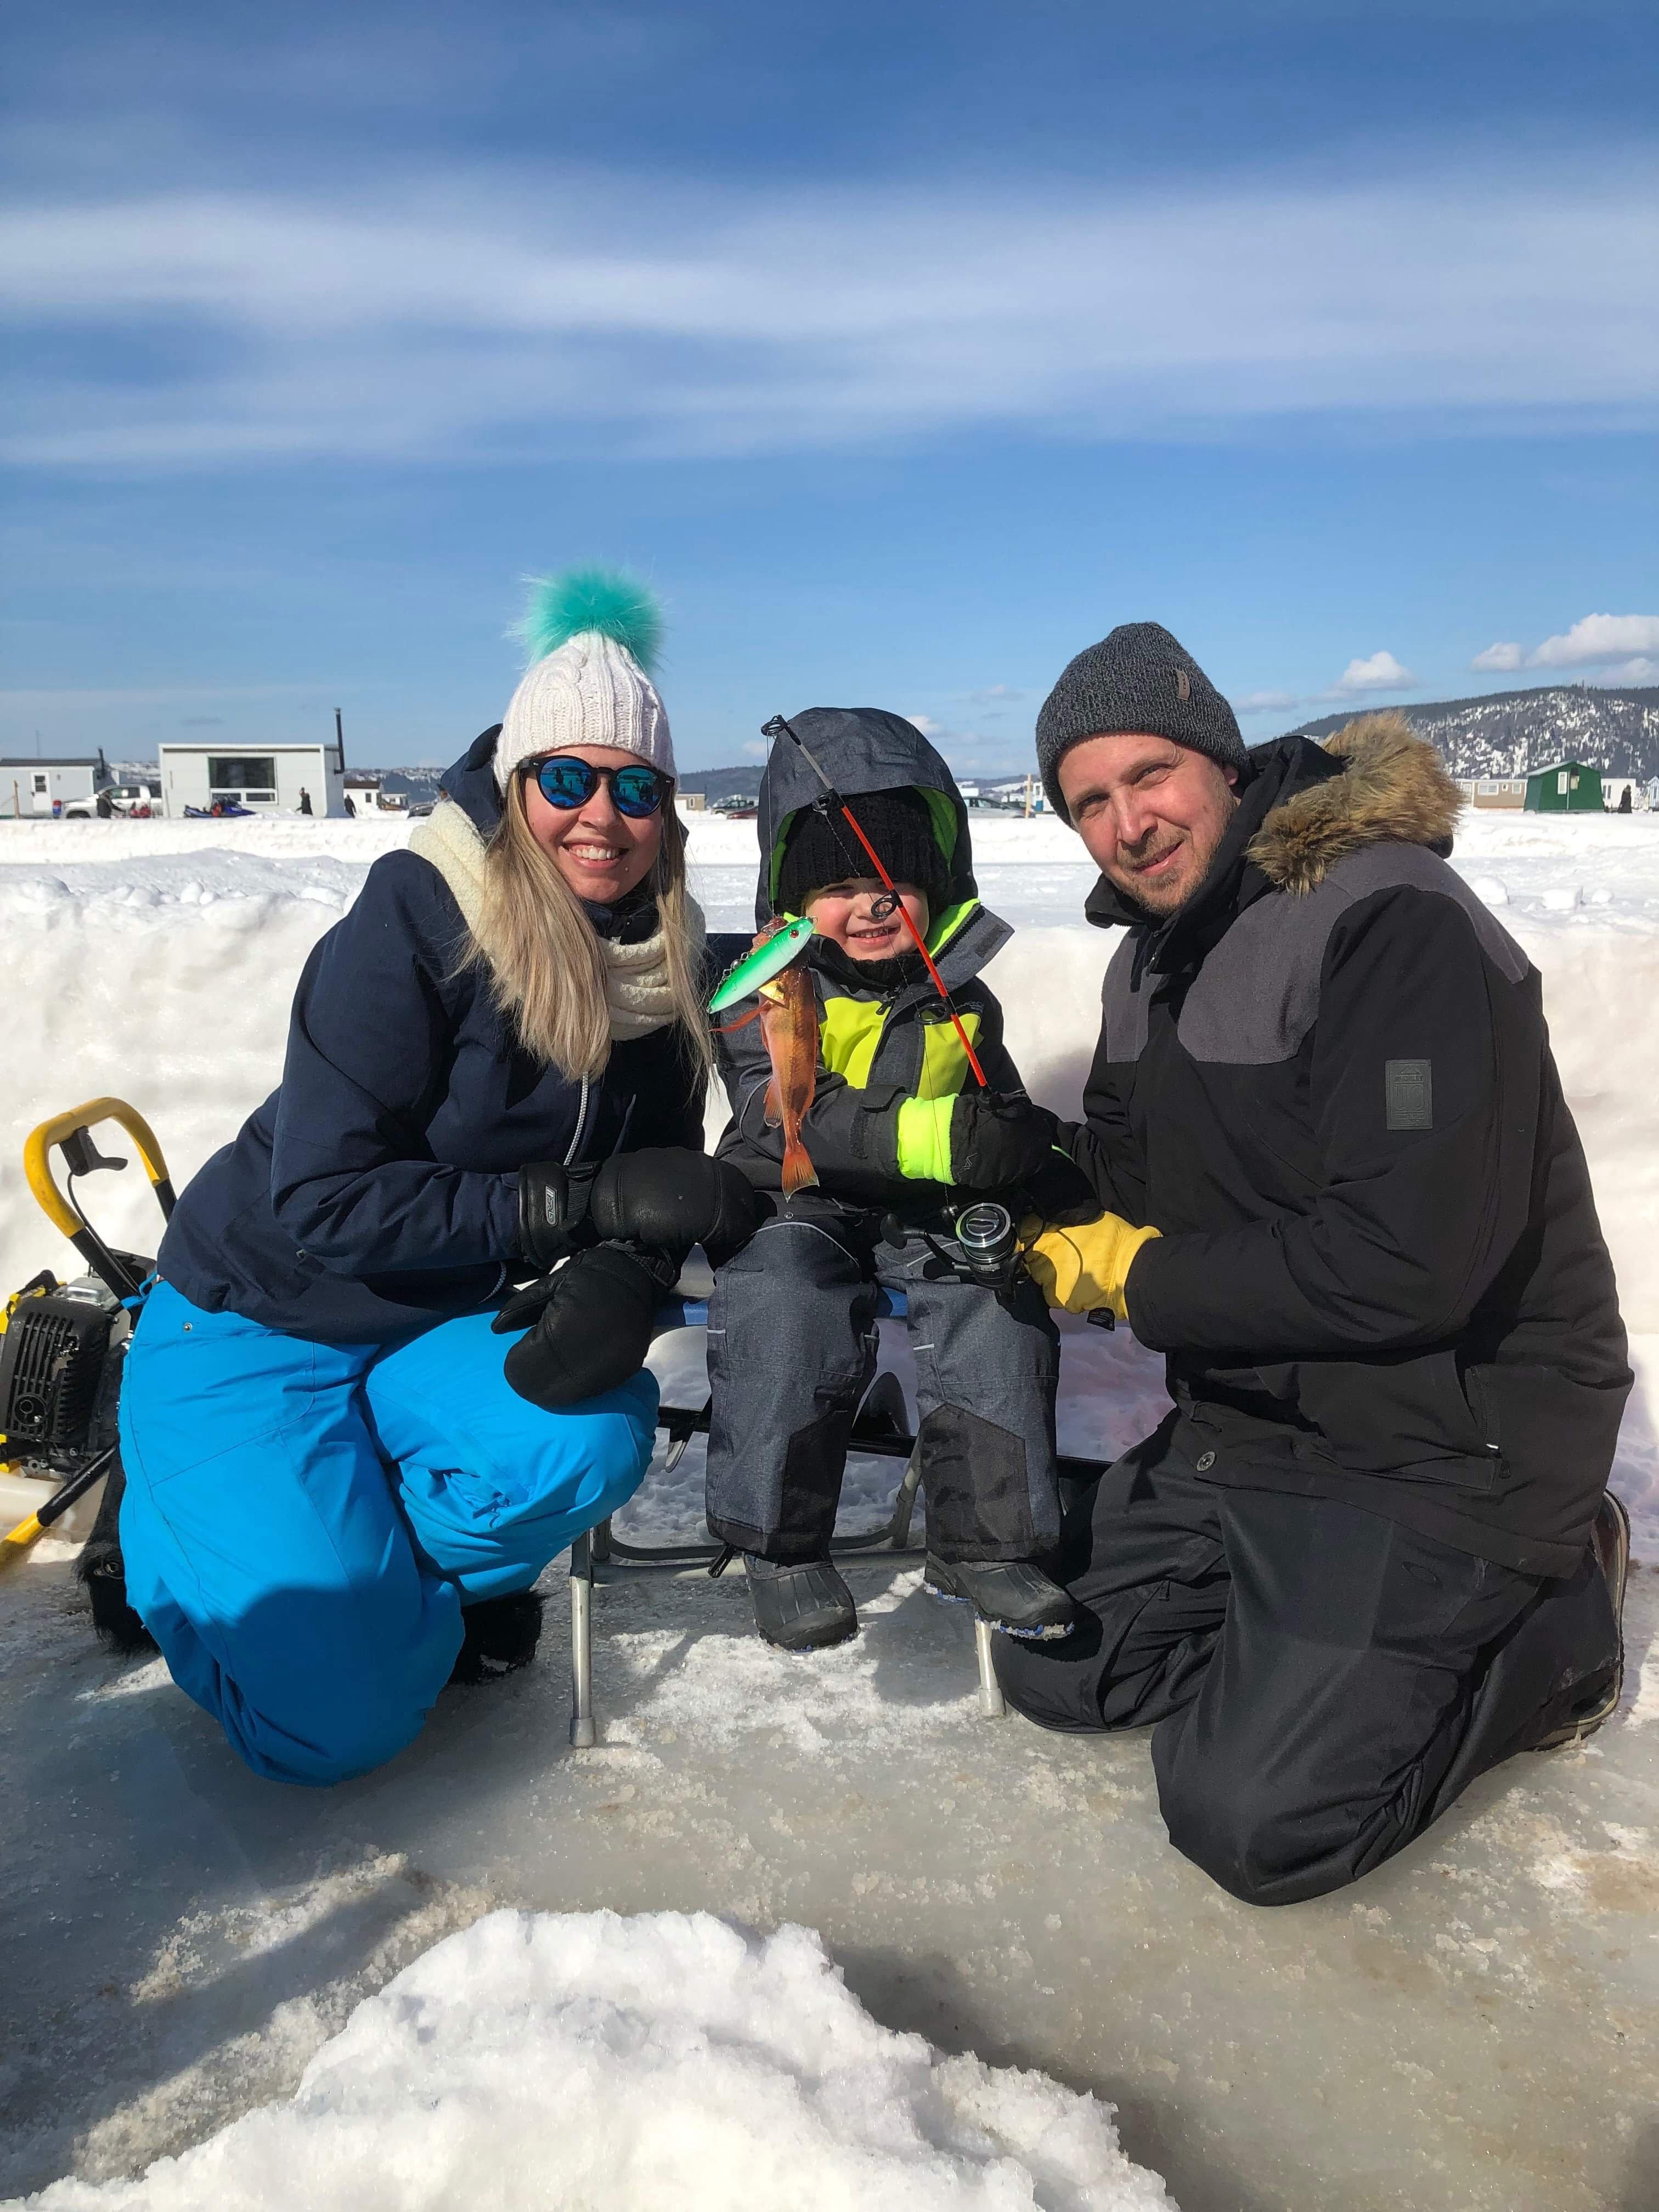 Pêche sur glace en famille